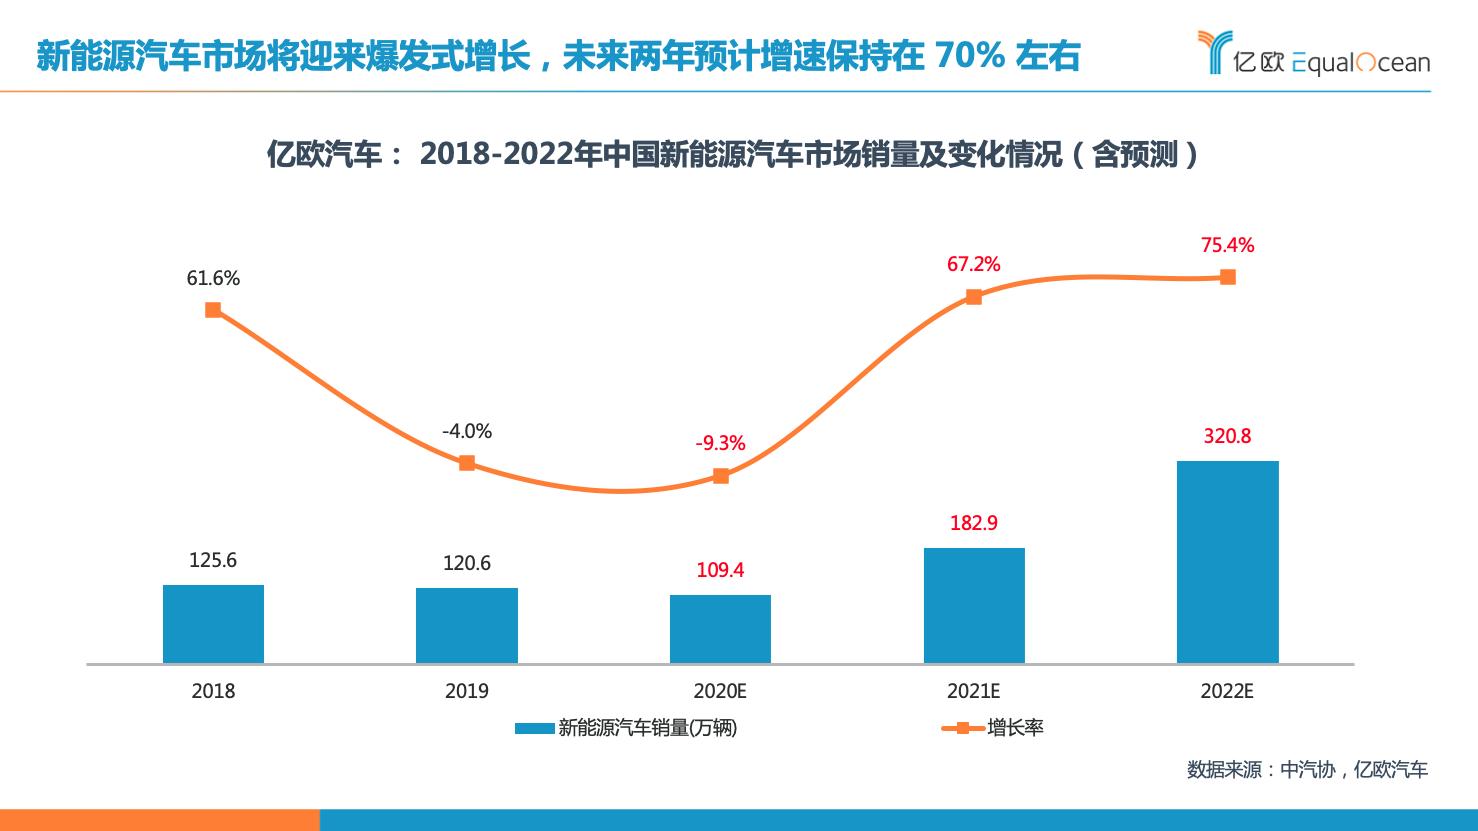 2020年中国新能源汽车市场竞争格局及洞察分析